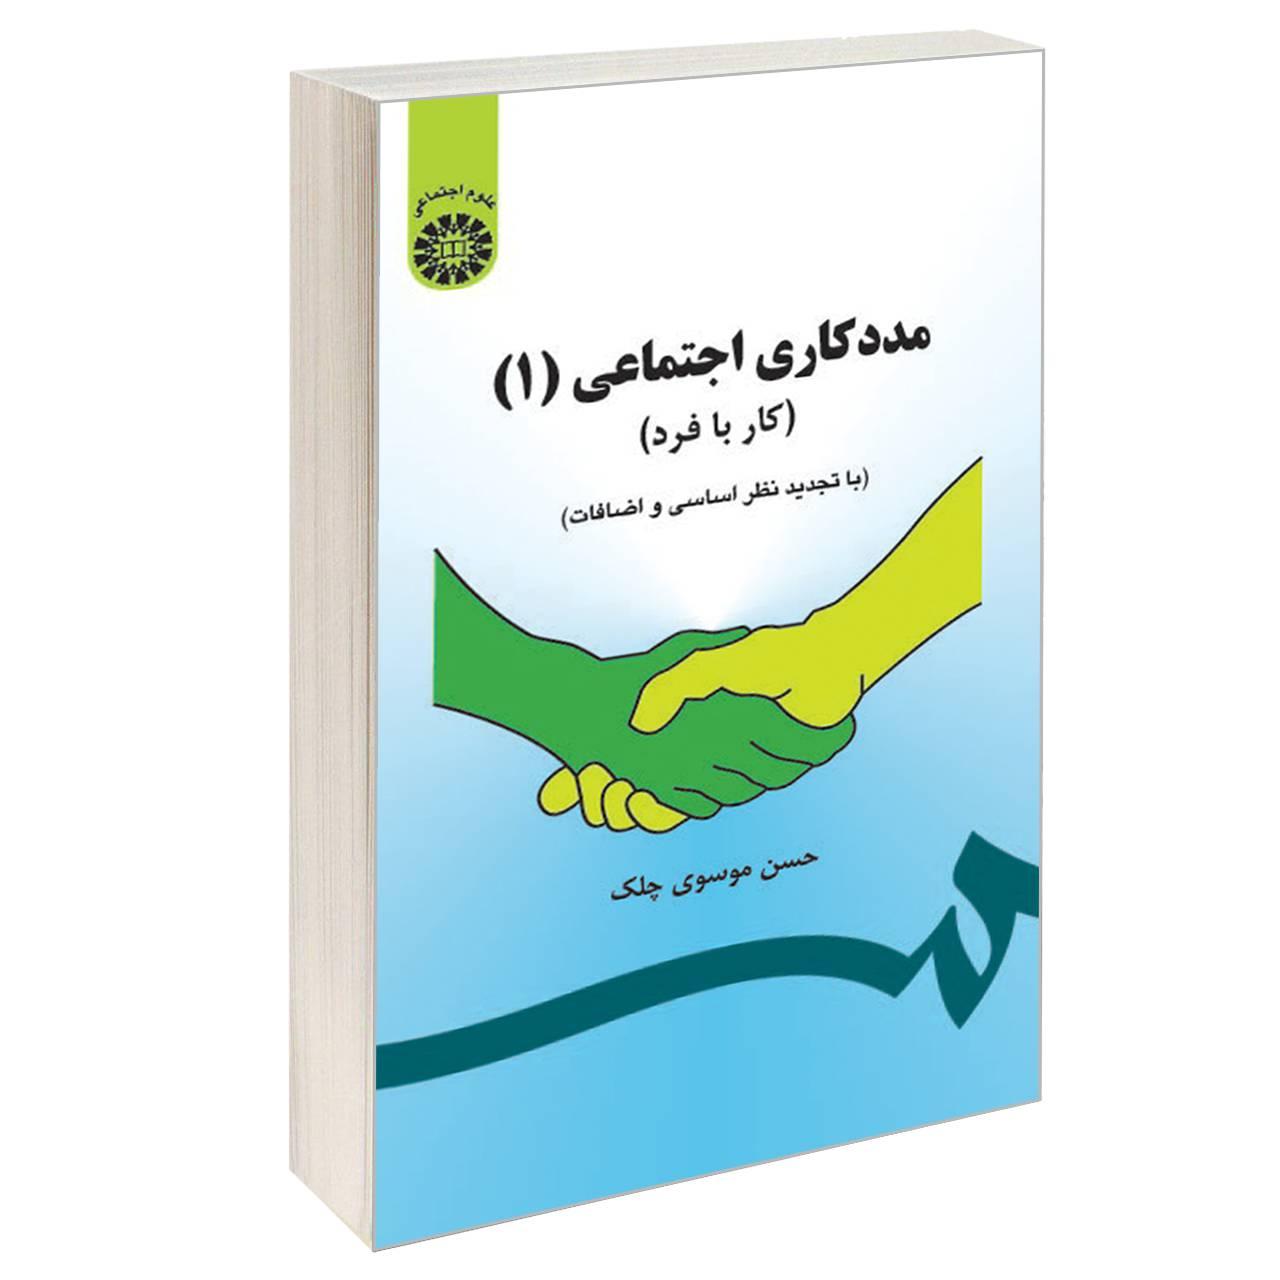 خرید                      کتاب مددکاری اجتماعی (1) (کار با فرد) اثر حسن موسوی چلک نشر سمت